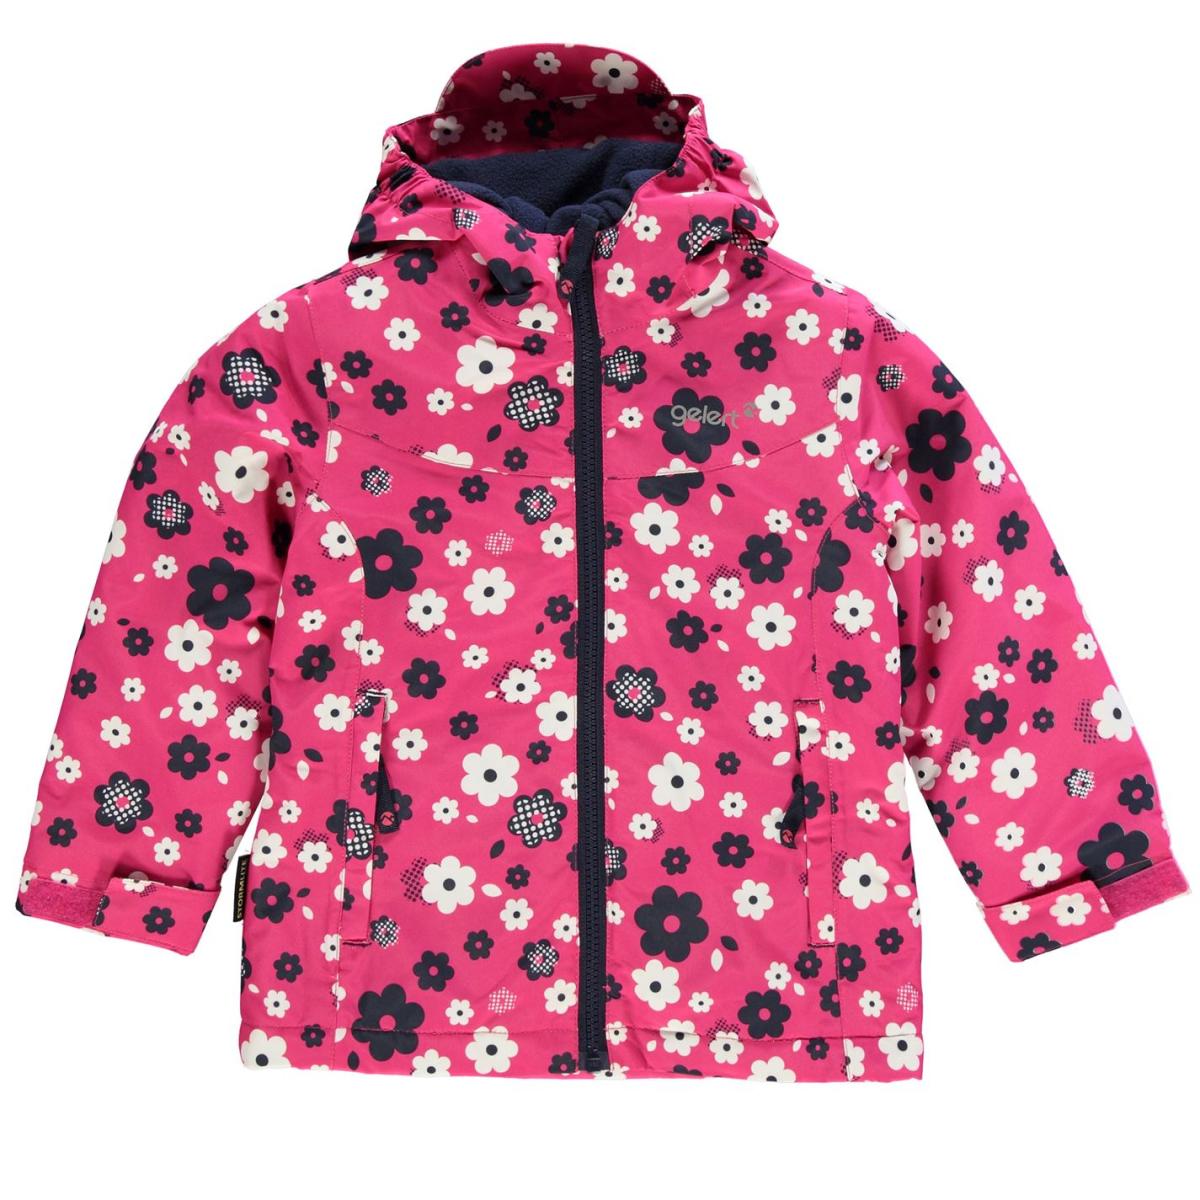 Gelert Winterjacke Kleinkind Jacke Kinder Mädchen 8154 Floral